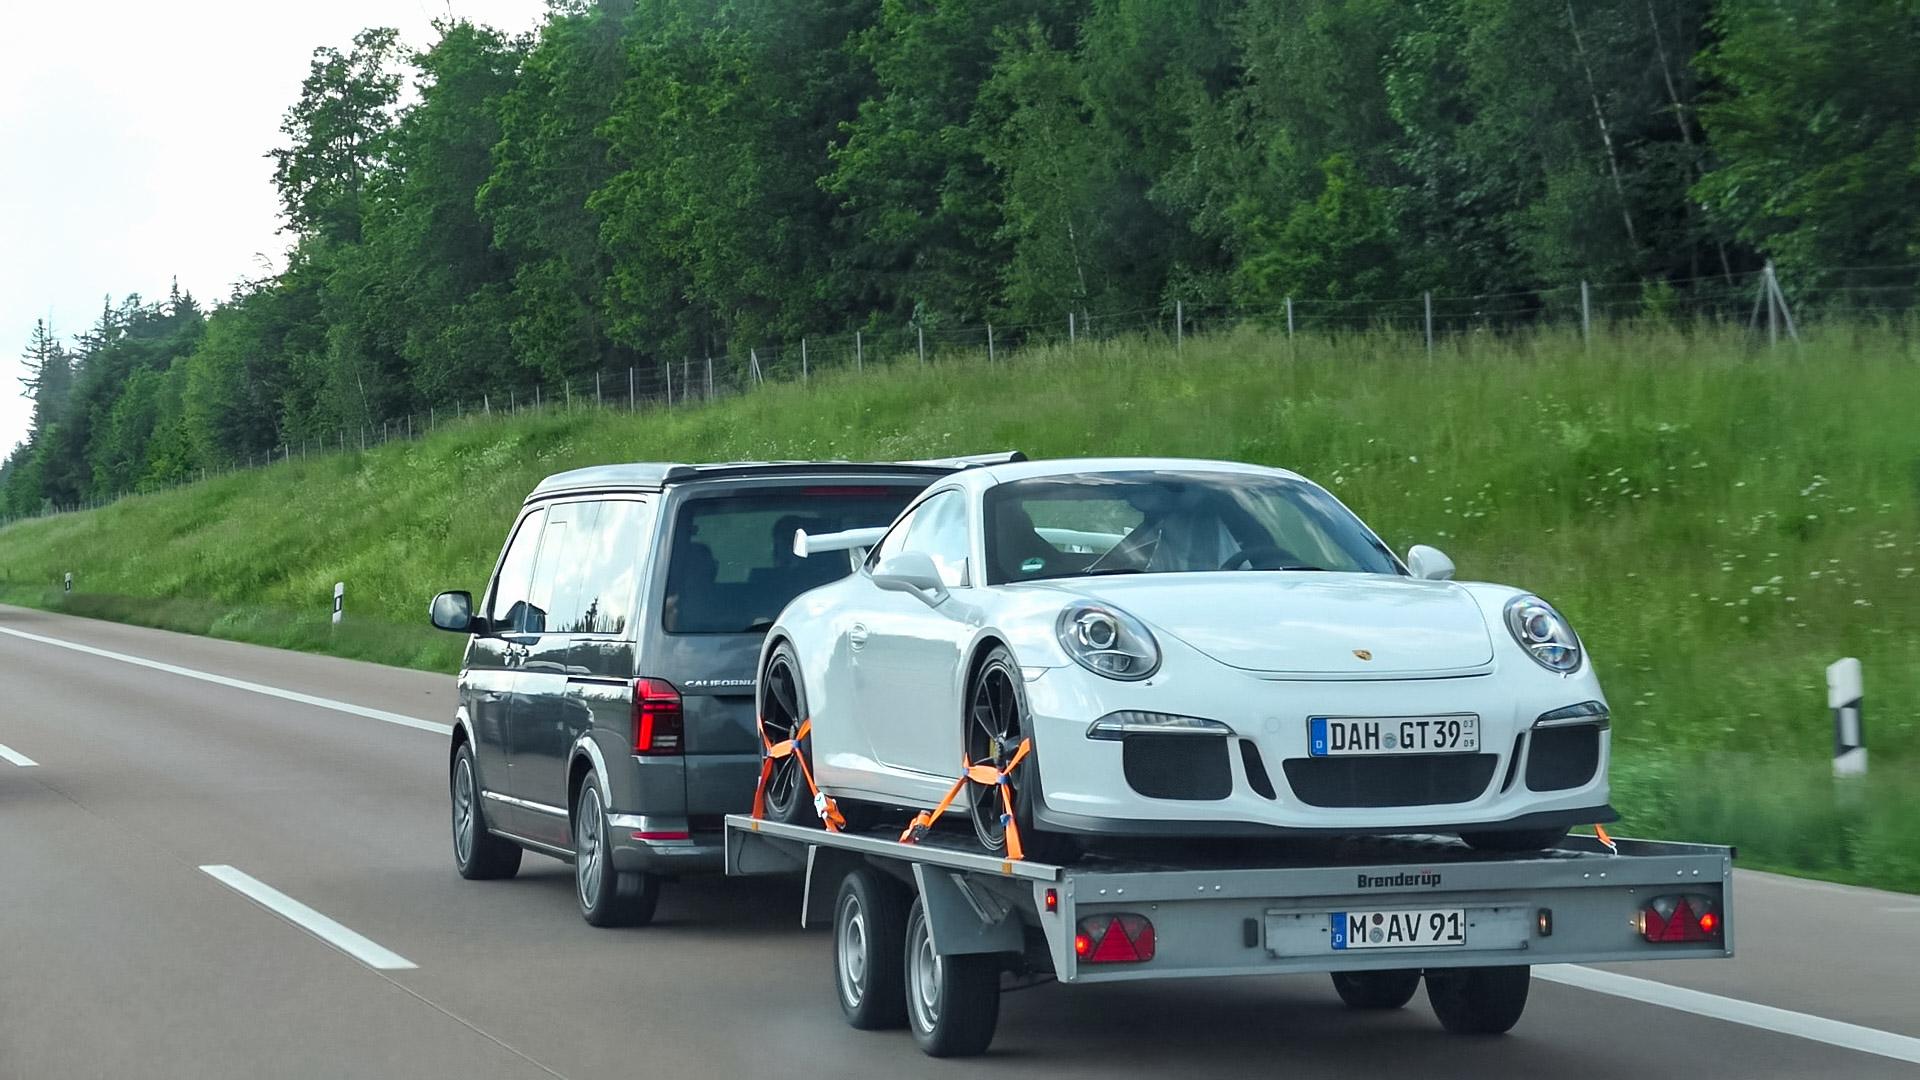 Porsche 991 GT3 - DAH-GT-39